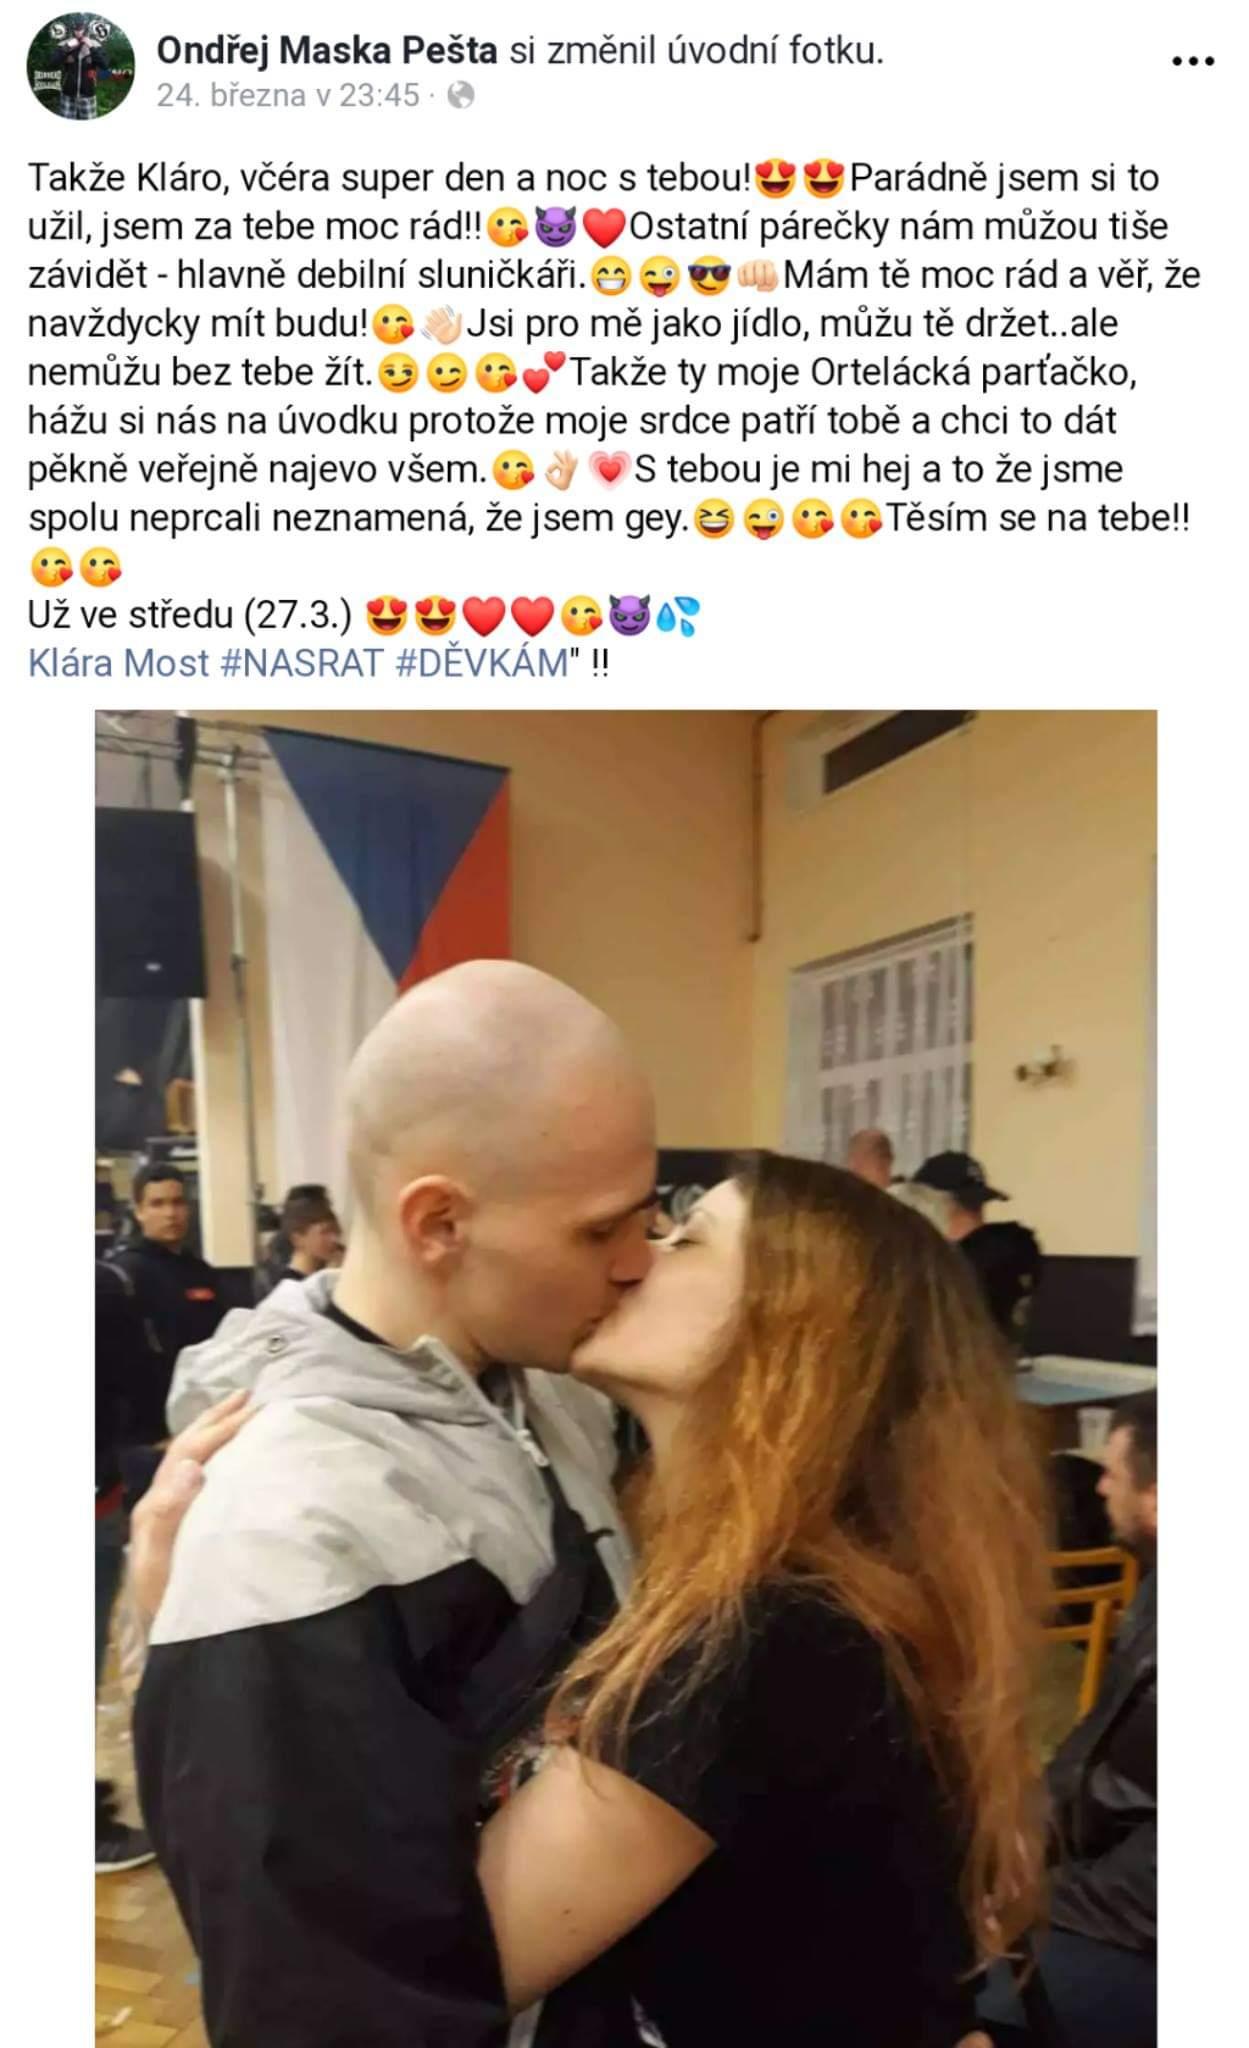 Obrázek LaskavMoste